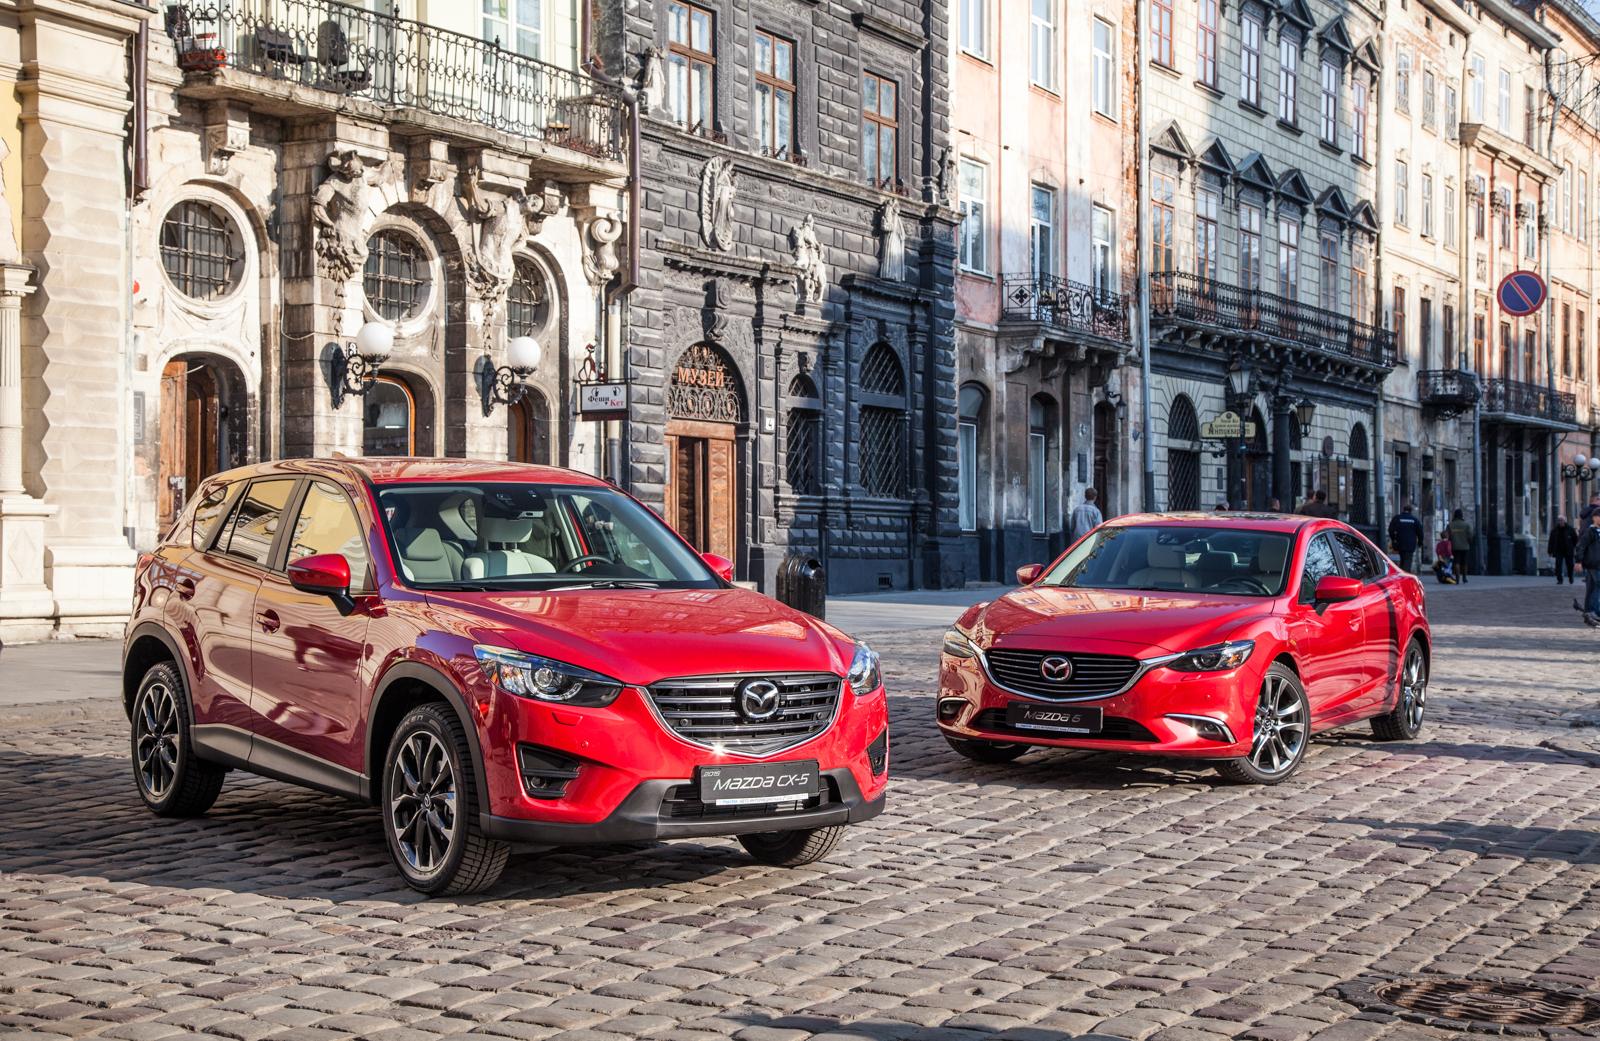 Тест-драйв обновленных Mazda 6 и Mazda CX-5: что новенького?